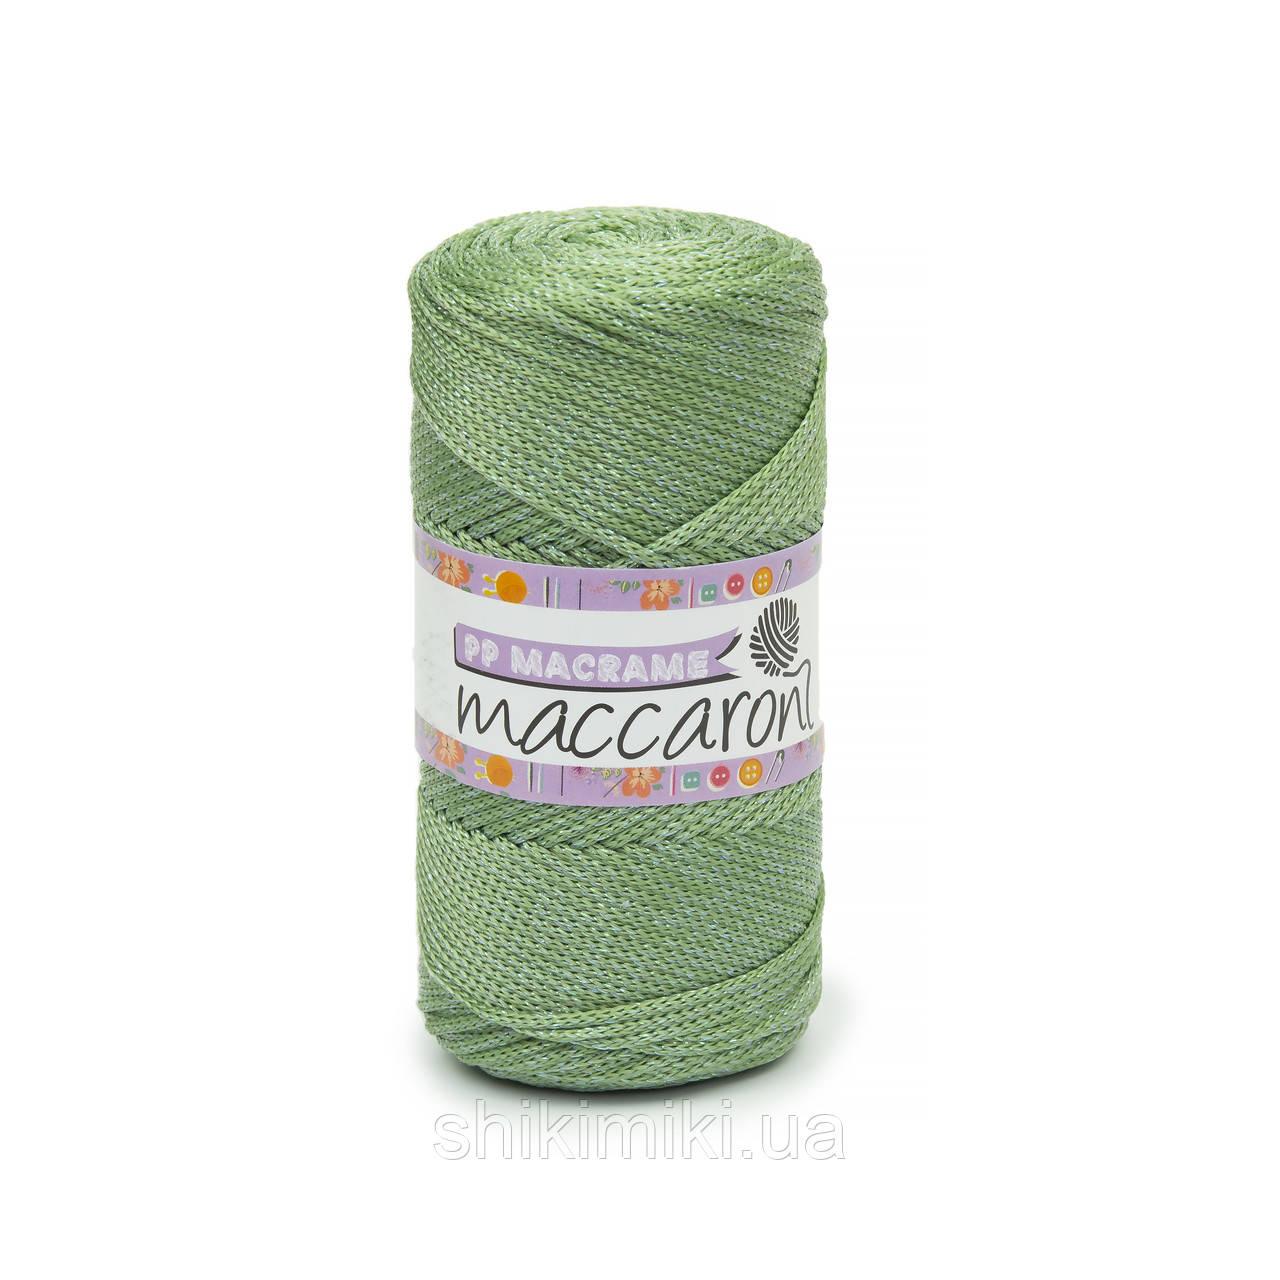 Трикотажный полиэфирный шнур с люрексом PP Macrame, цвет Киви